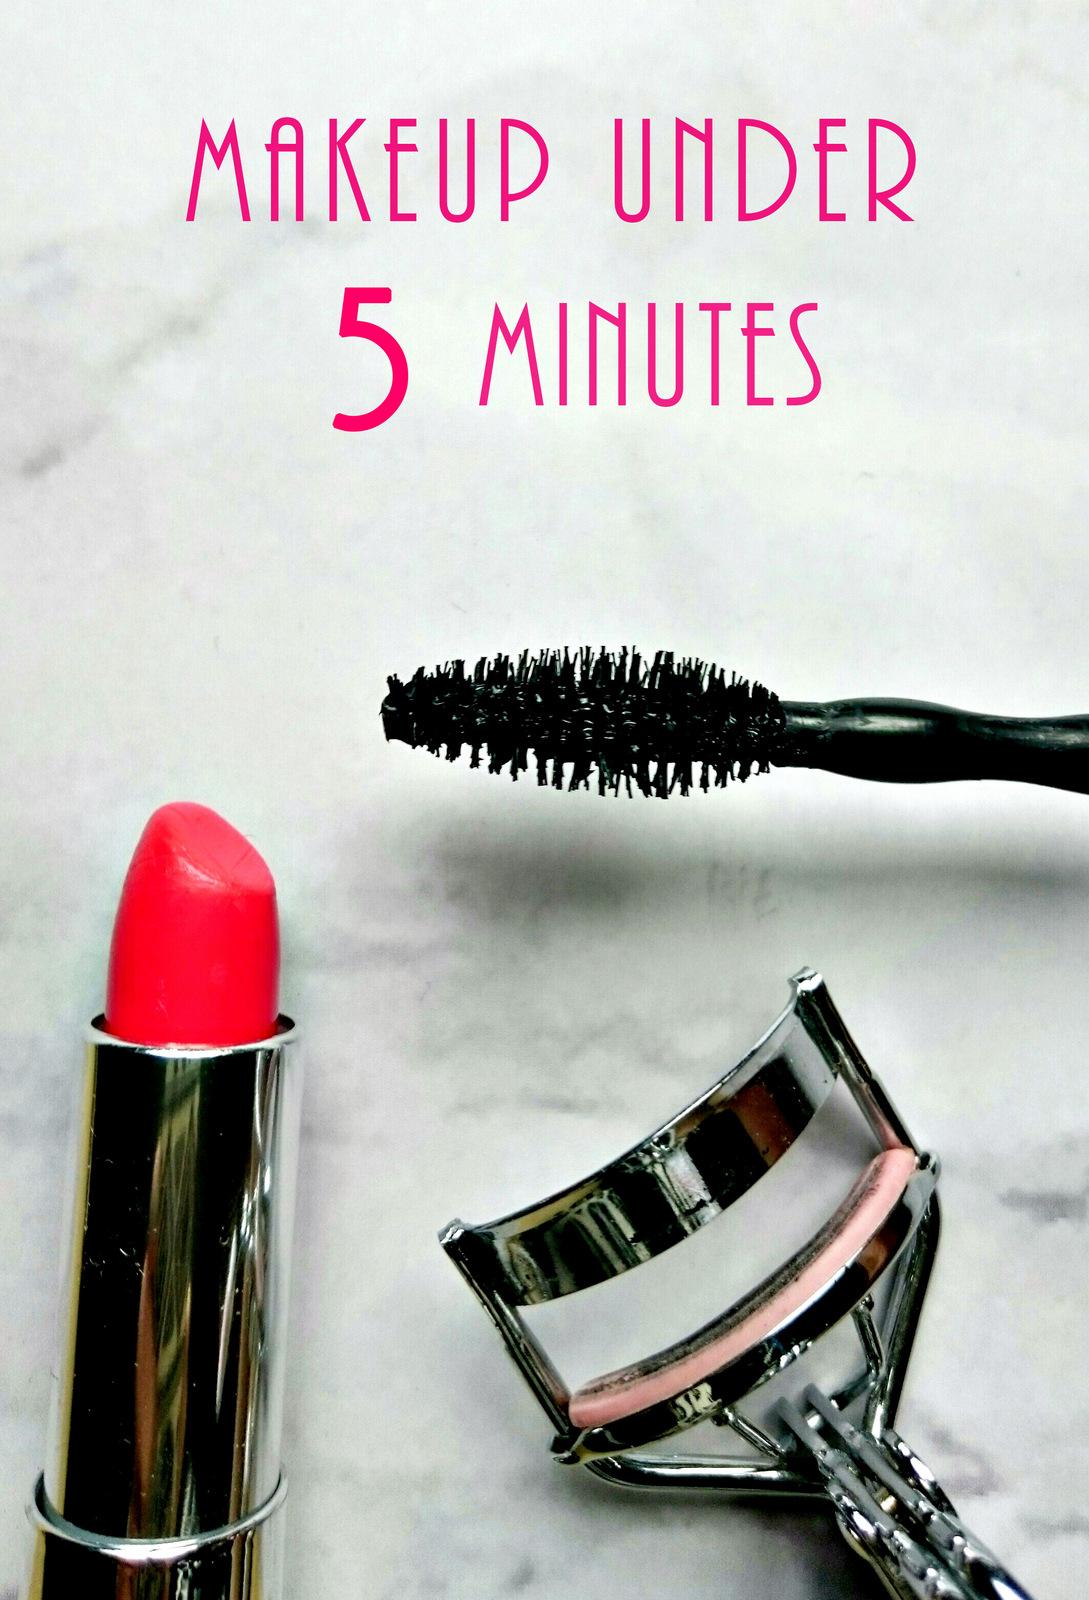 Makeup Under 5 Minutes